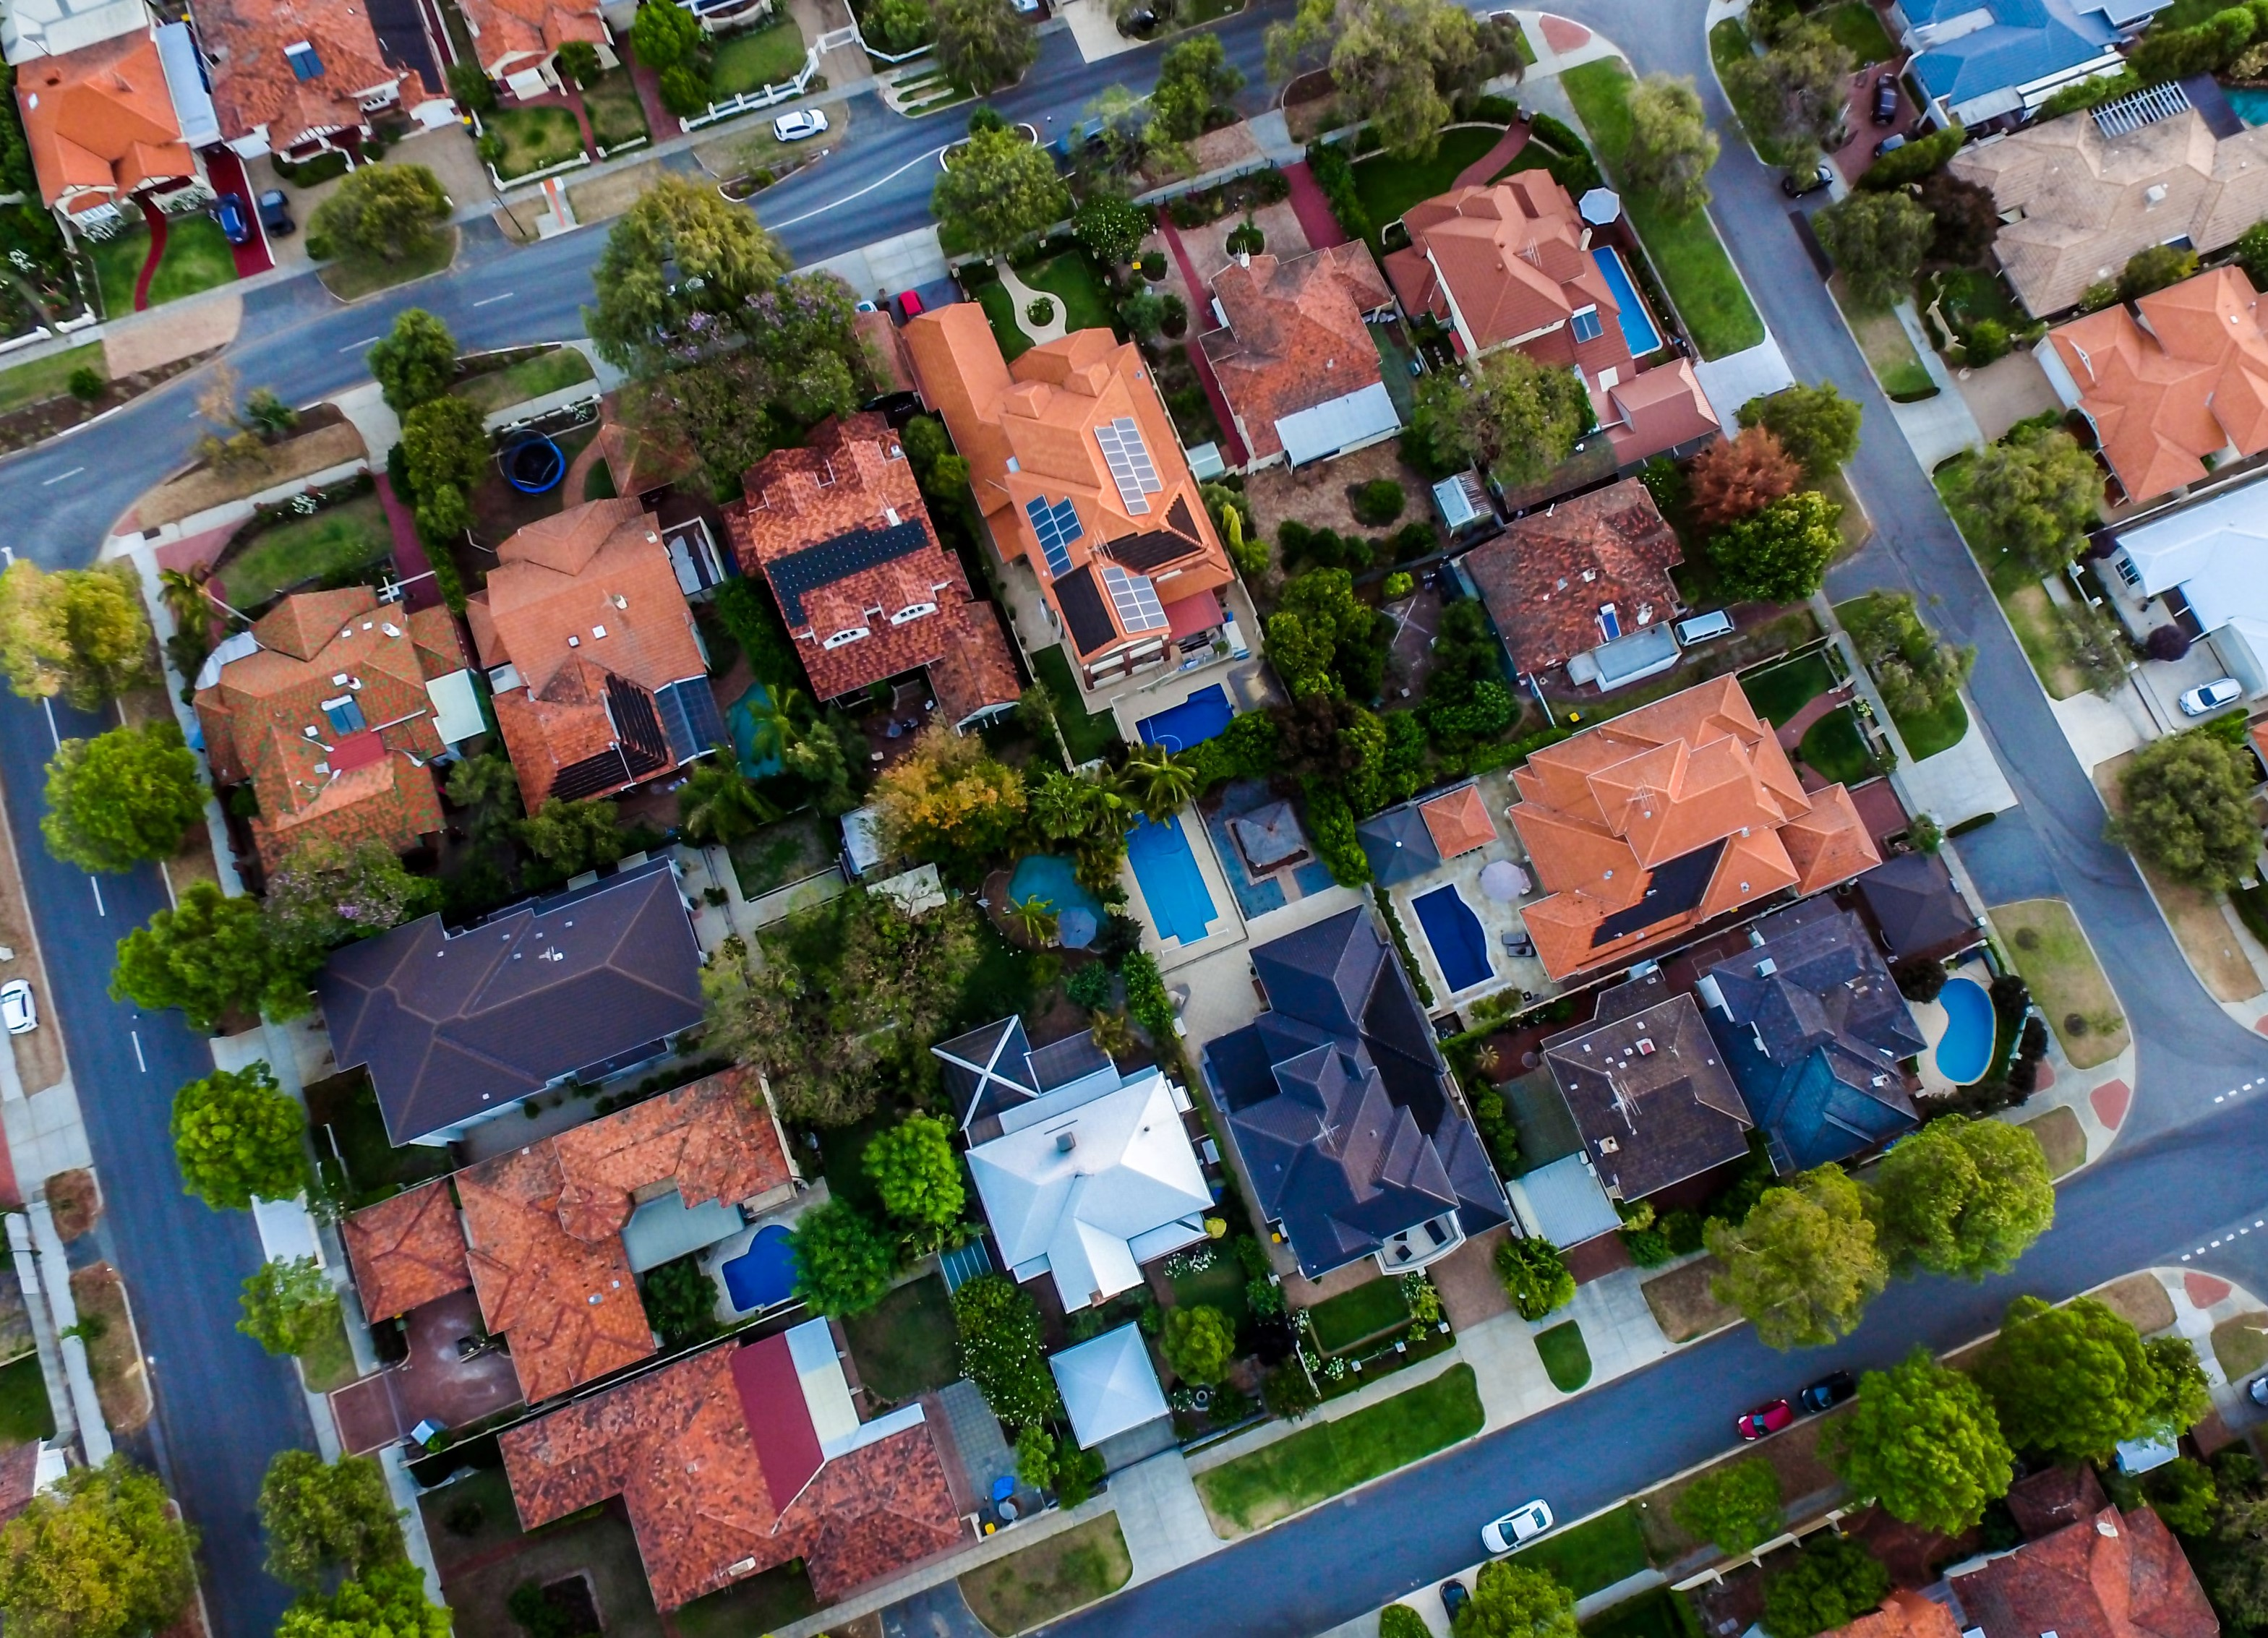 O que é uma hipoteca? E uma garantia hipotecária num crédito habitação?